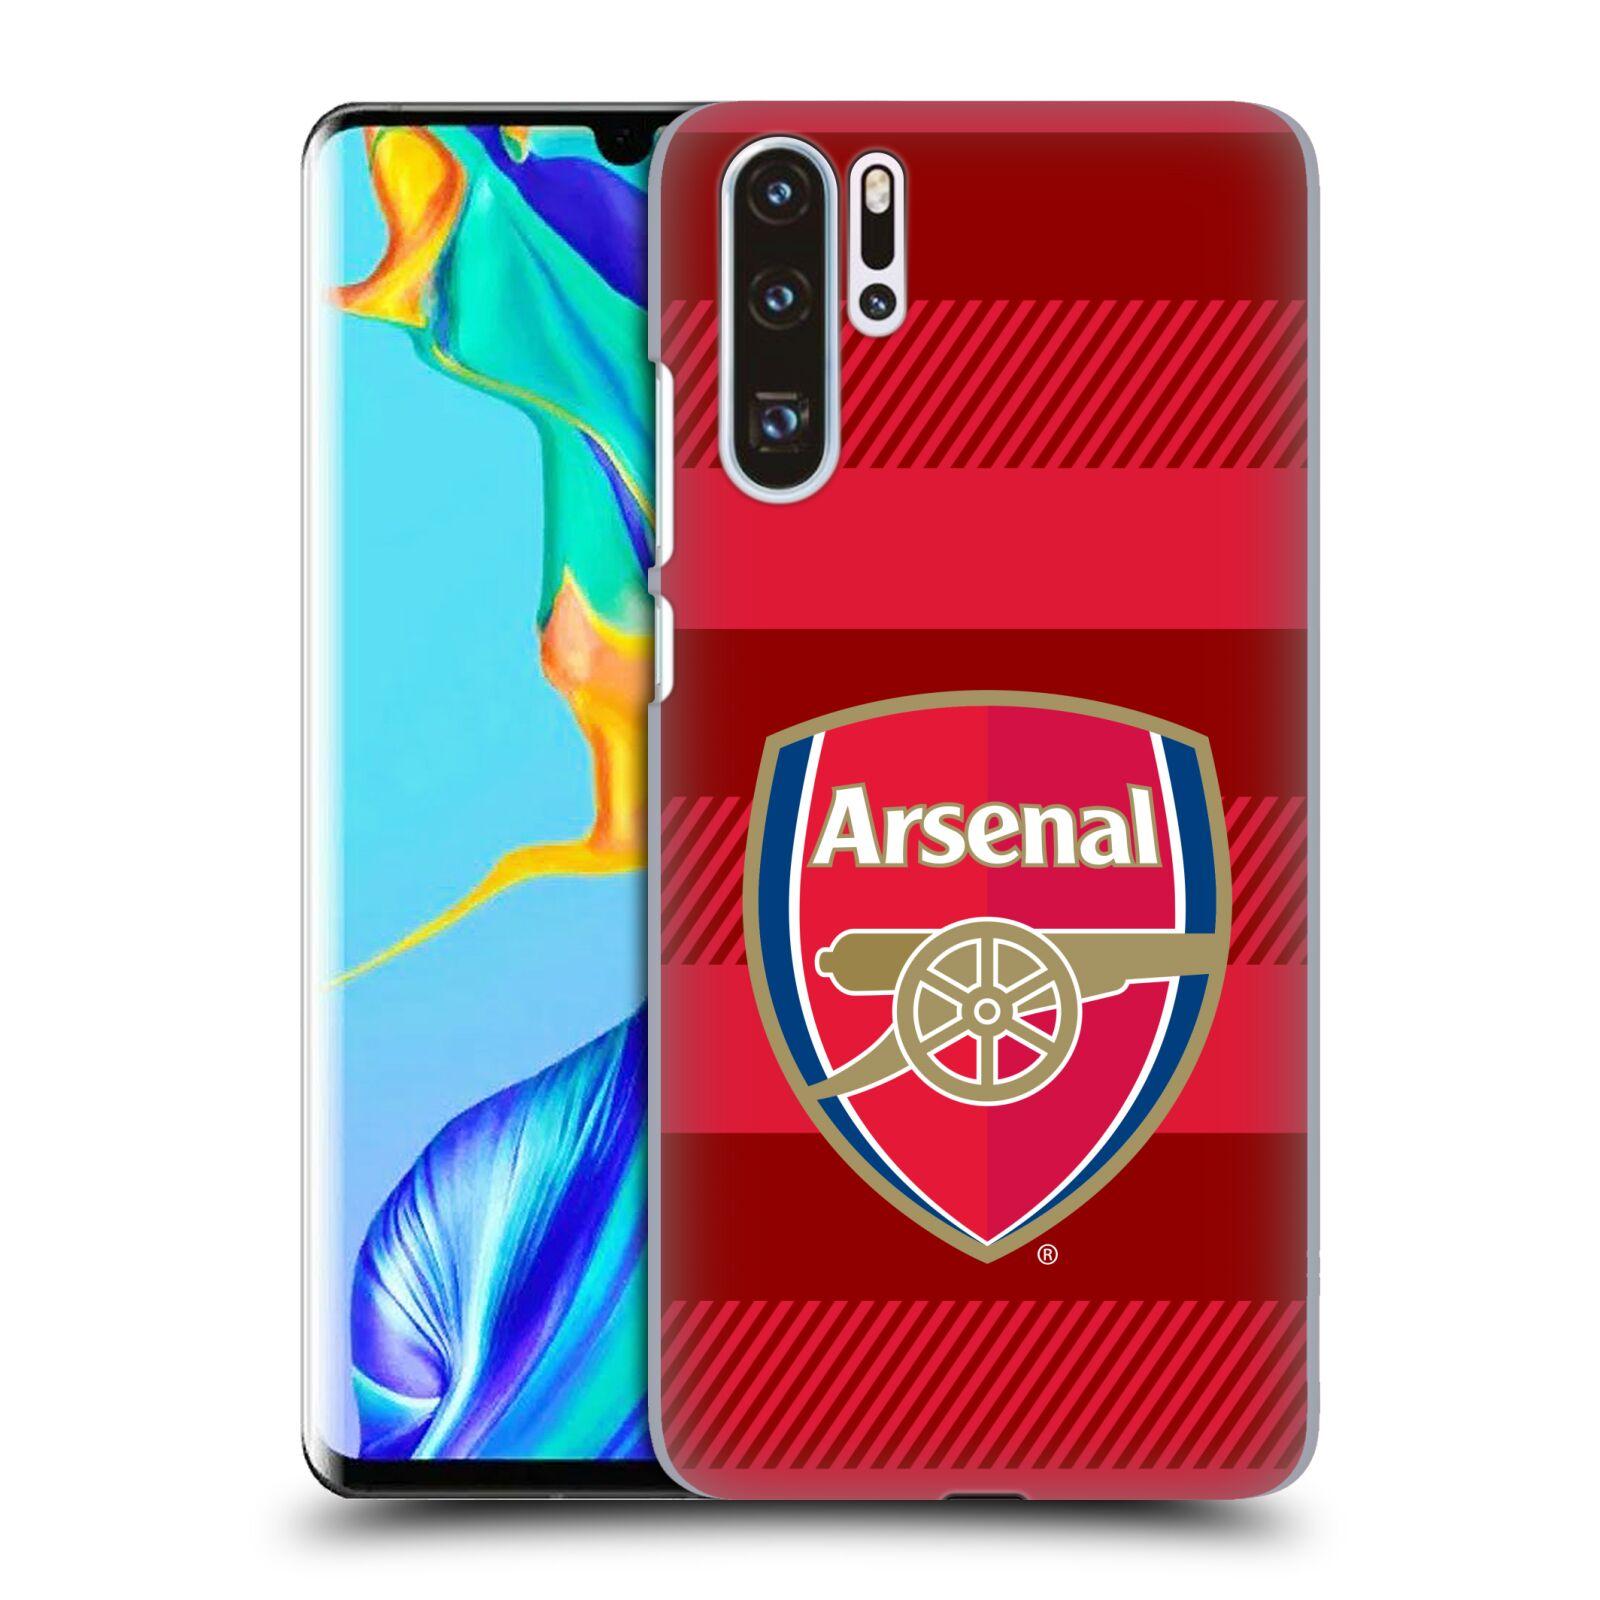 Plastové pouzdro na mobil Huawei P30 Pro - Head Case - Arsenal FC - Logo s pruhy